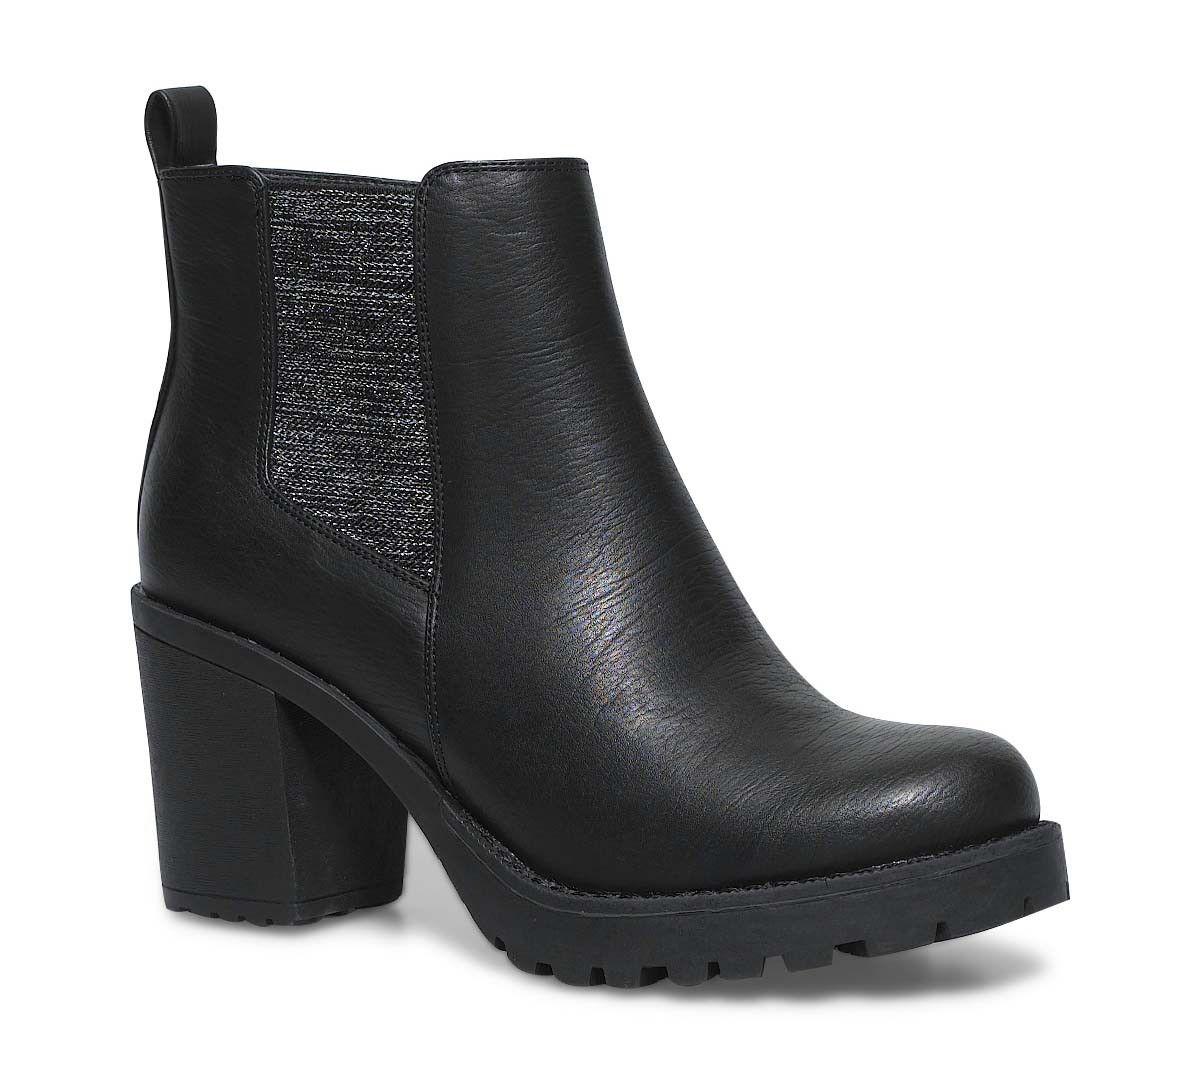 Boots Noir Cranté à Talon Noir xDYeApH